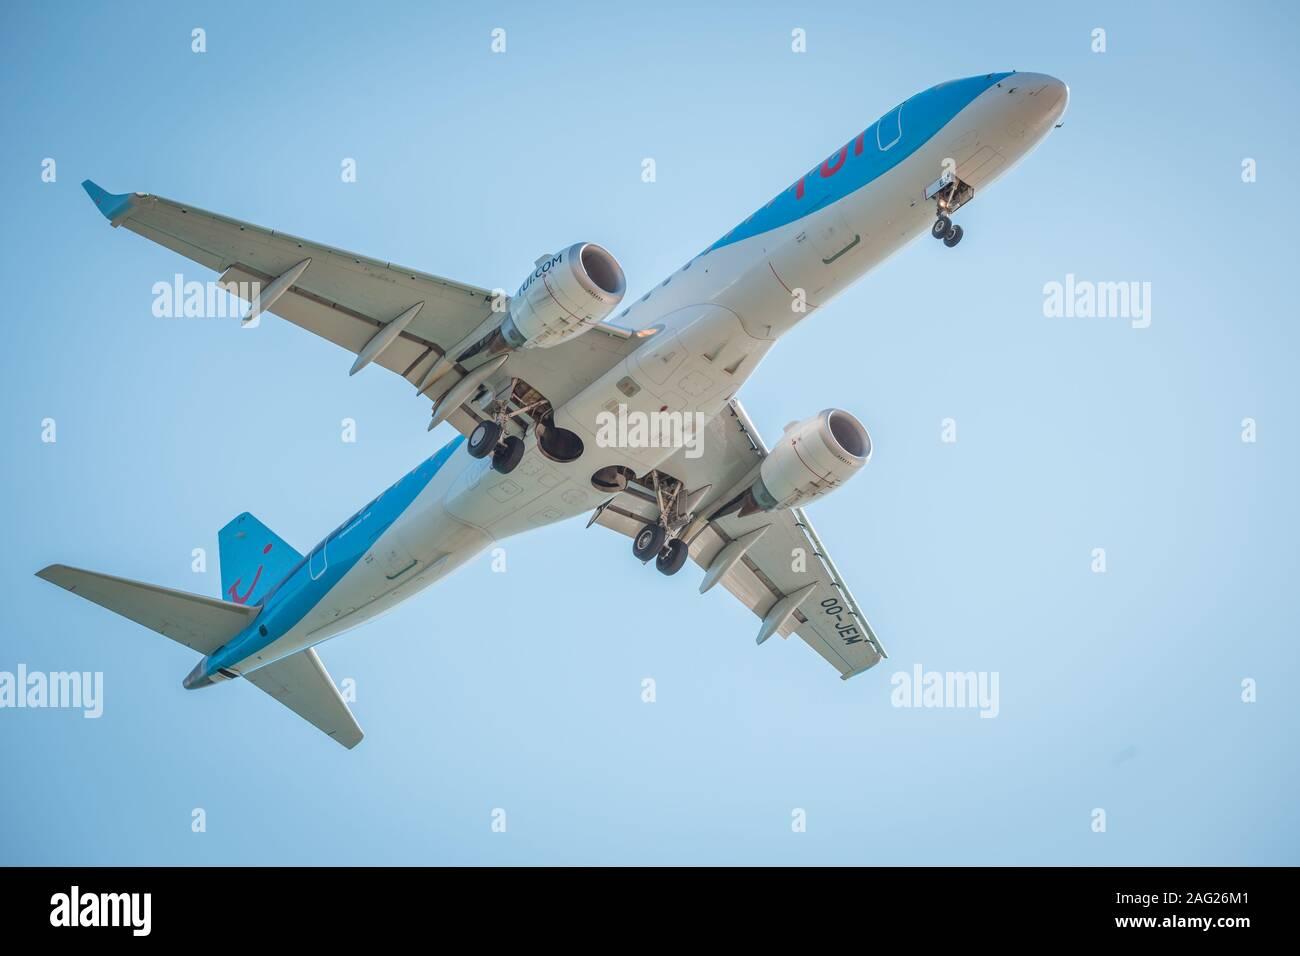 Zakynthos, Griechenland, August 2019: grosses Flugzeug, vermutlich TUI, mit Fahrwerk, unter Bauch, während der Landung auf Zakynthos International Stockfoto